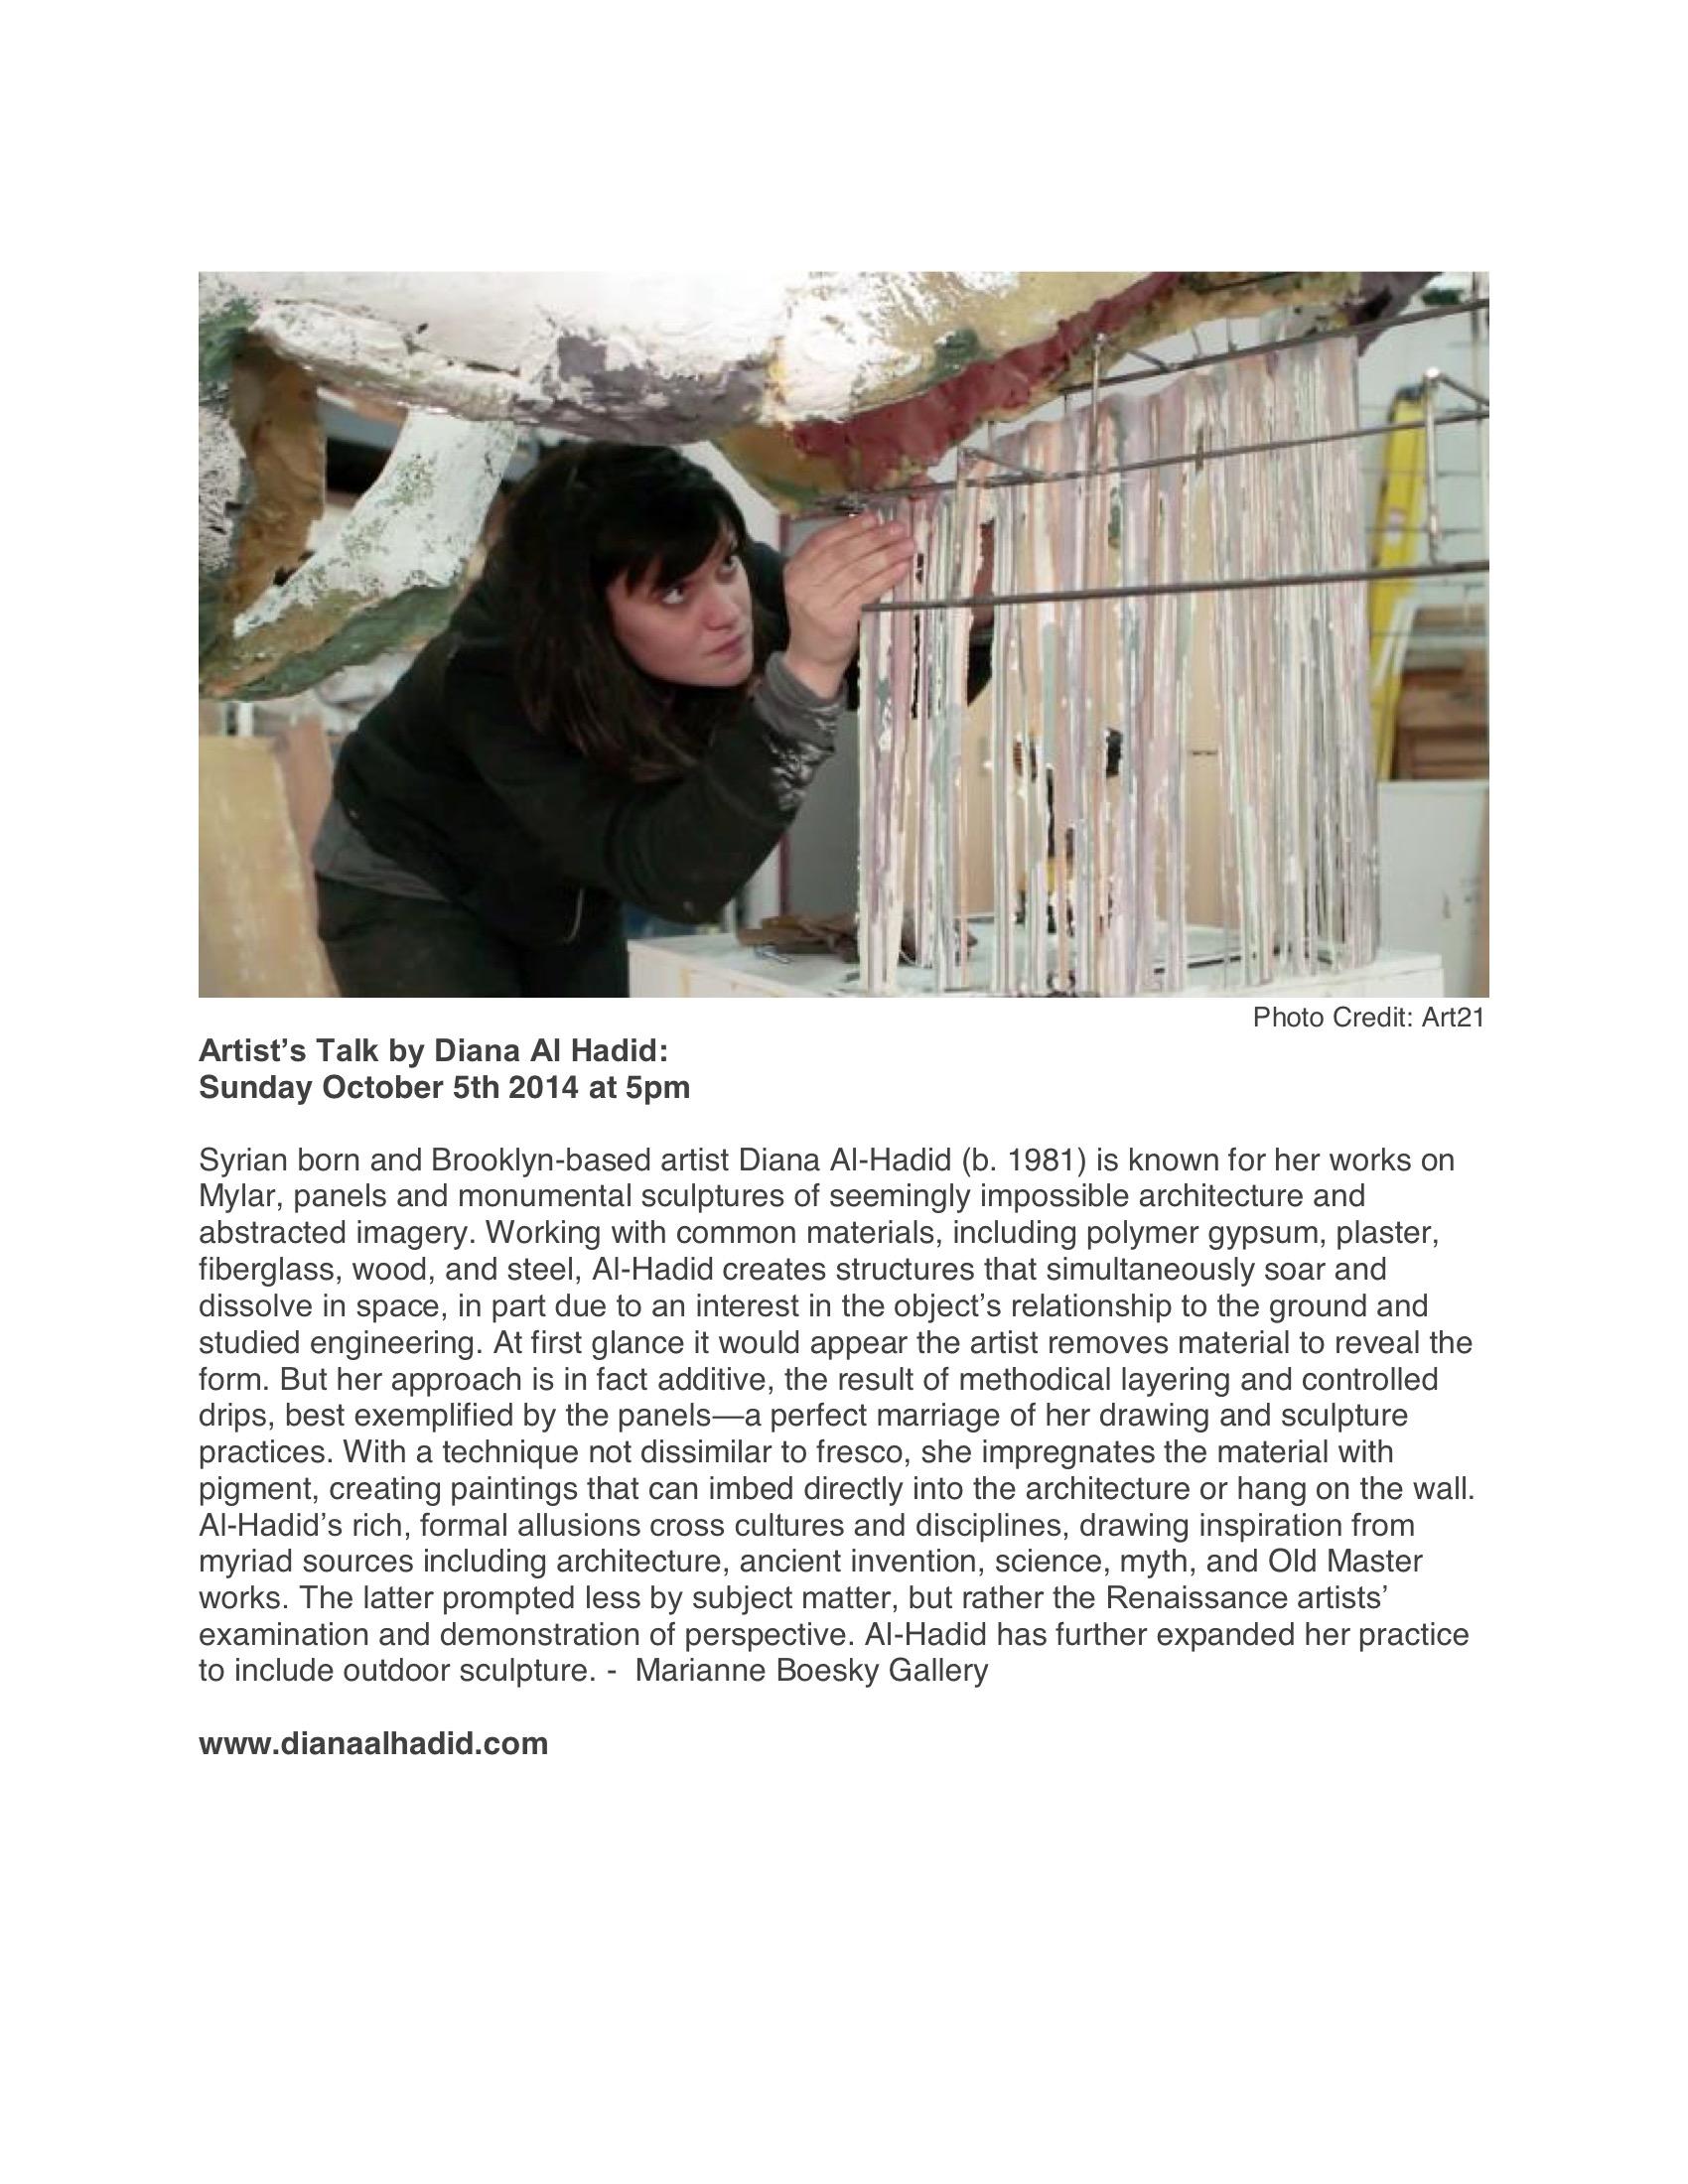 Diana Al Hadid Artist's Talk-1.jpeg